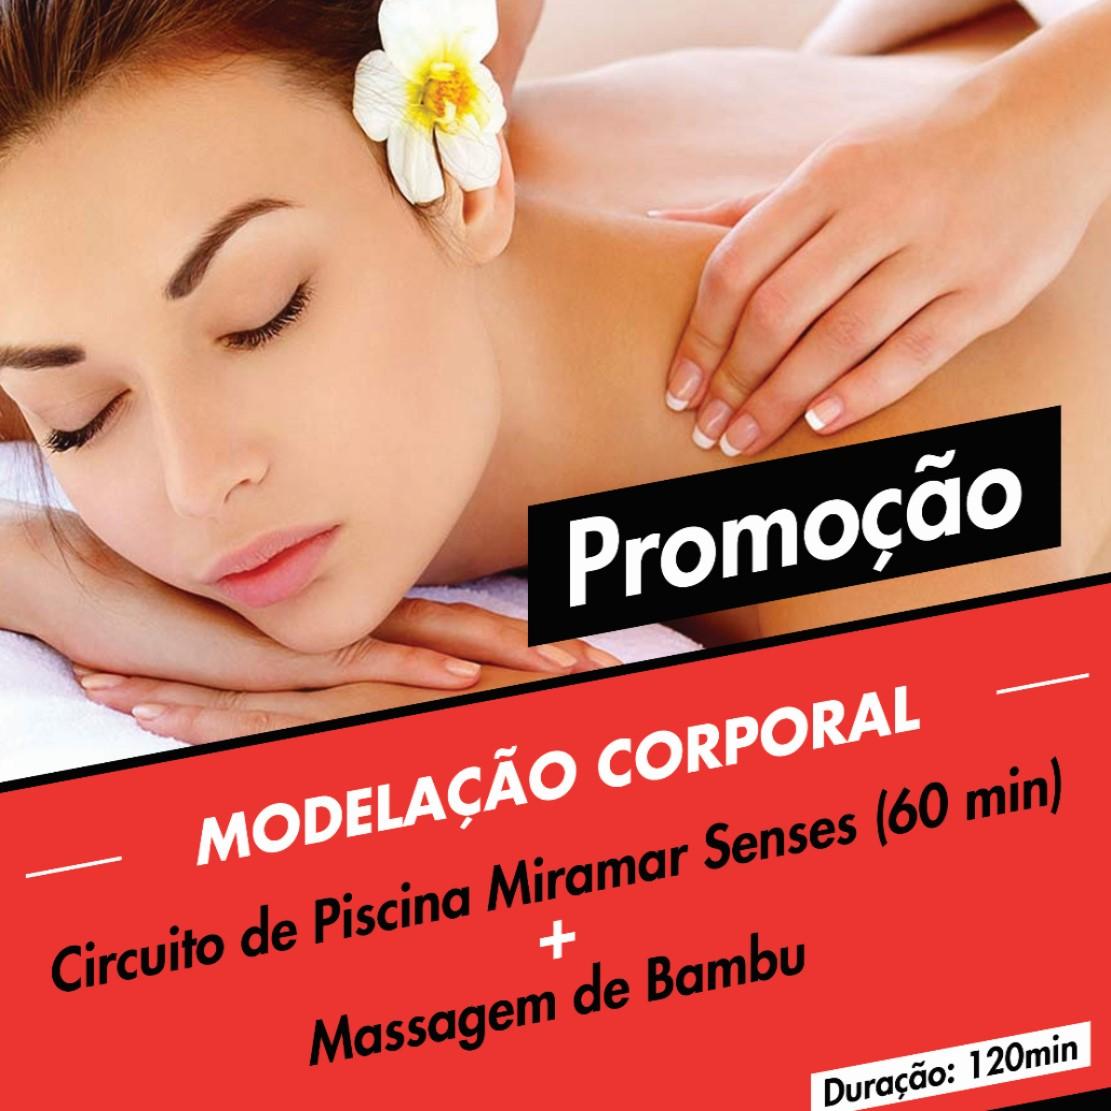 Promoção OUTUBRO - SPA Miramar Senses